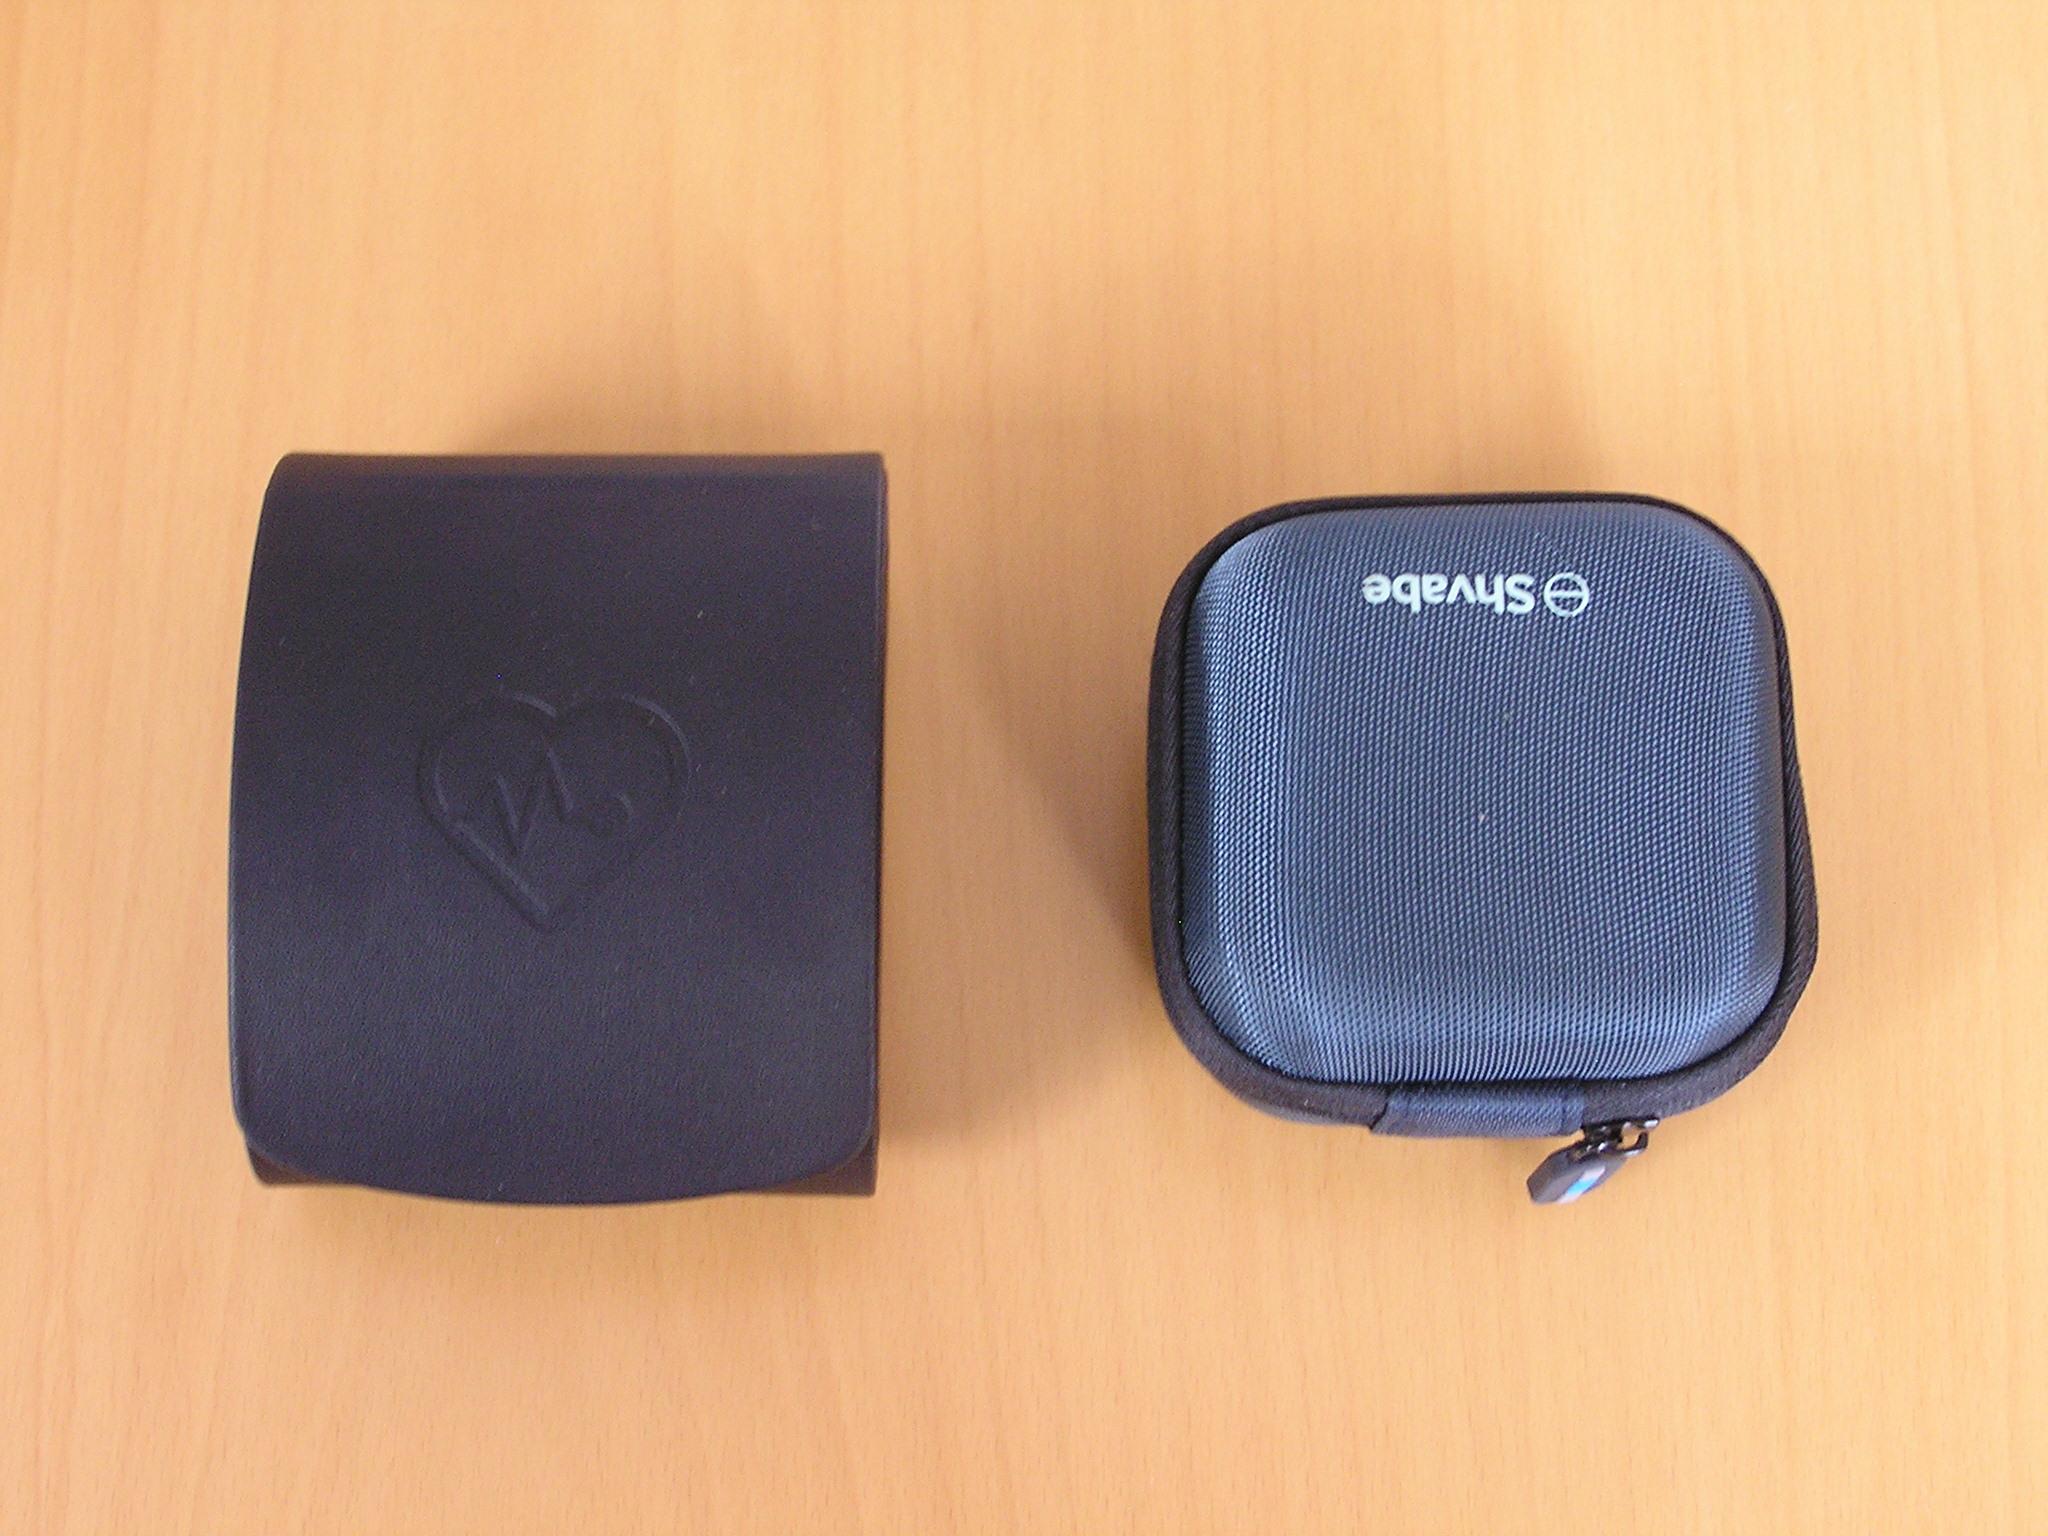 Verpackungsboxen Inferum ABP 051, links altes und rechts neues Design